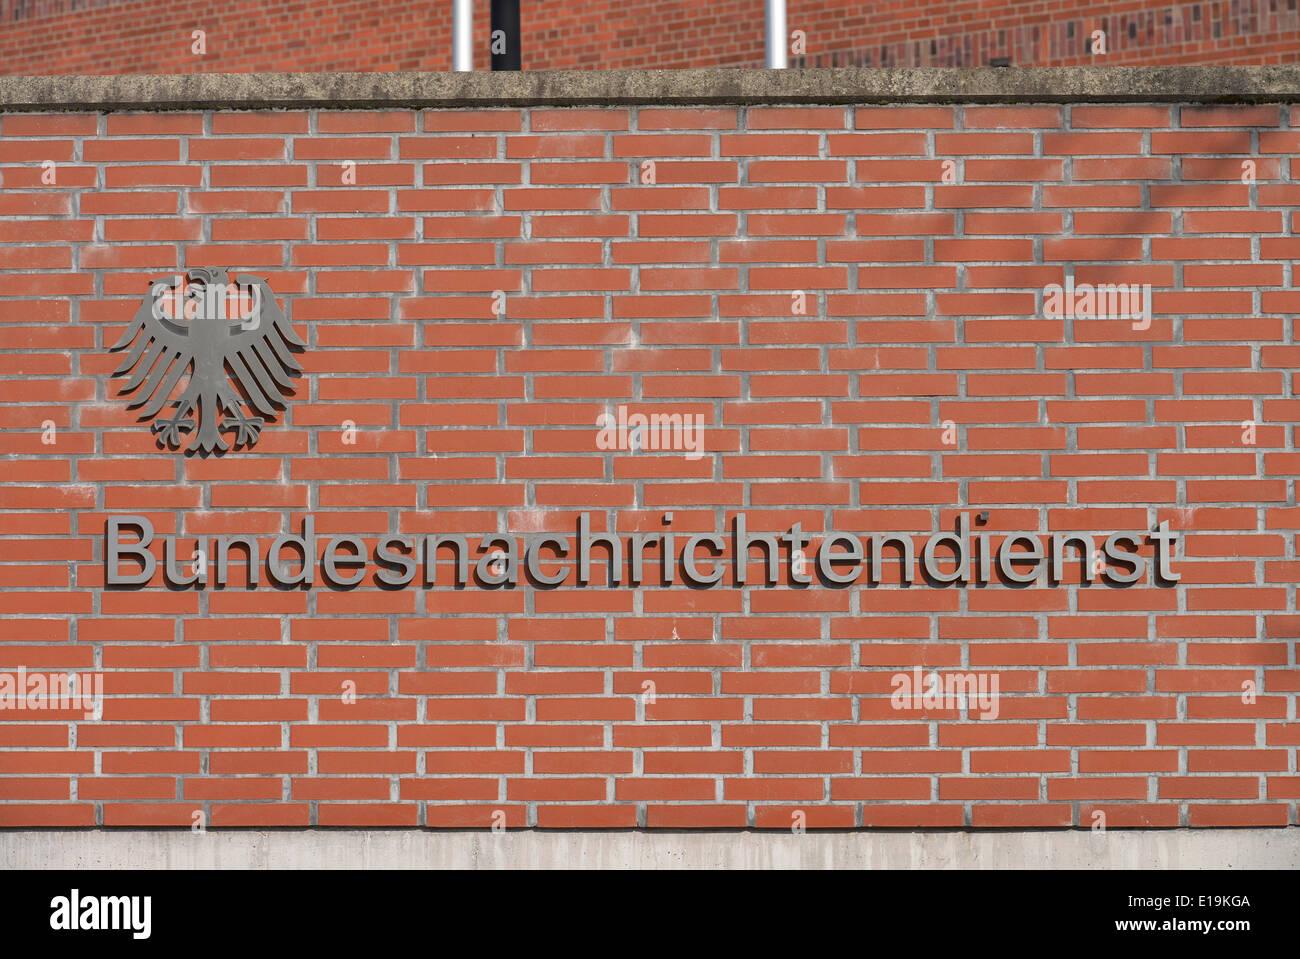 BND, Viktoriastrasse, Lichterfelde, Berlin, Deutschland - Stock Image